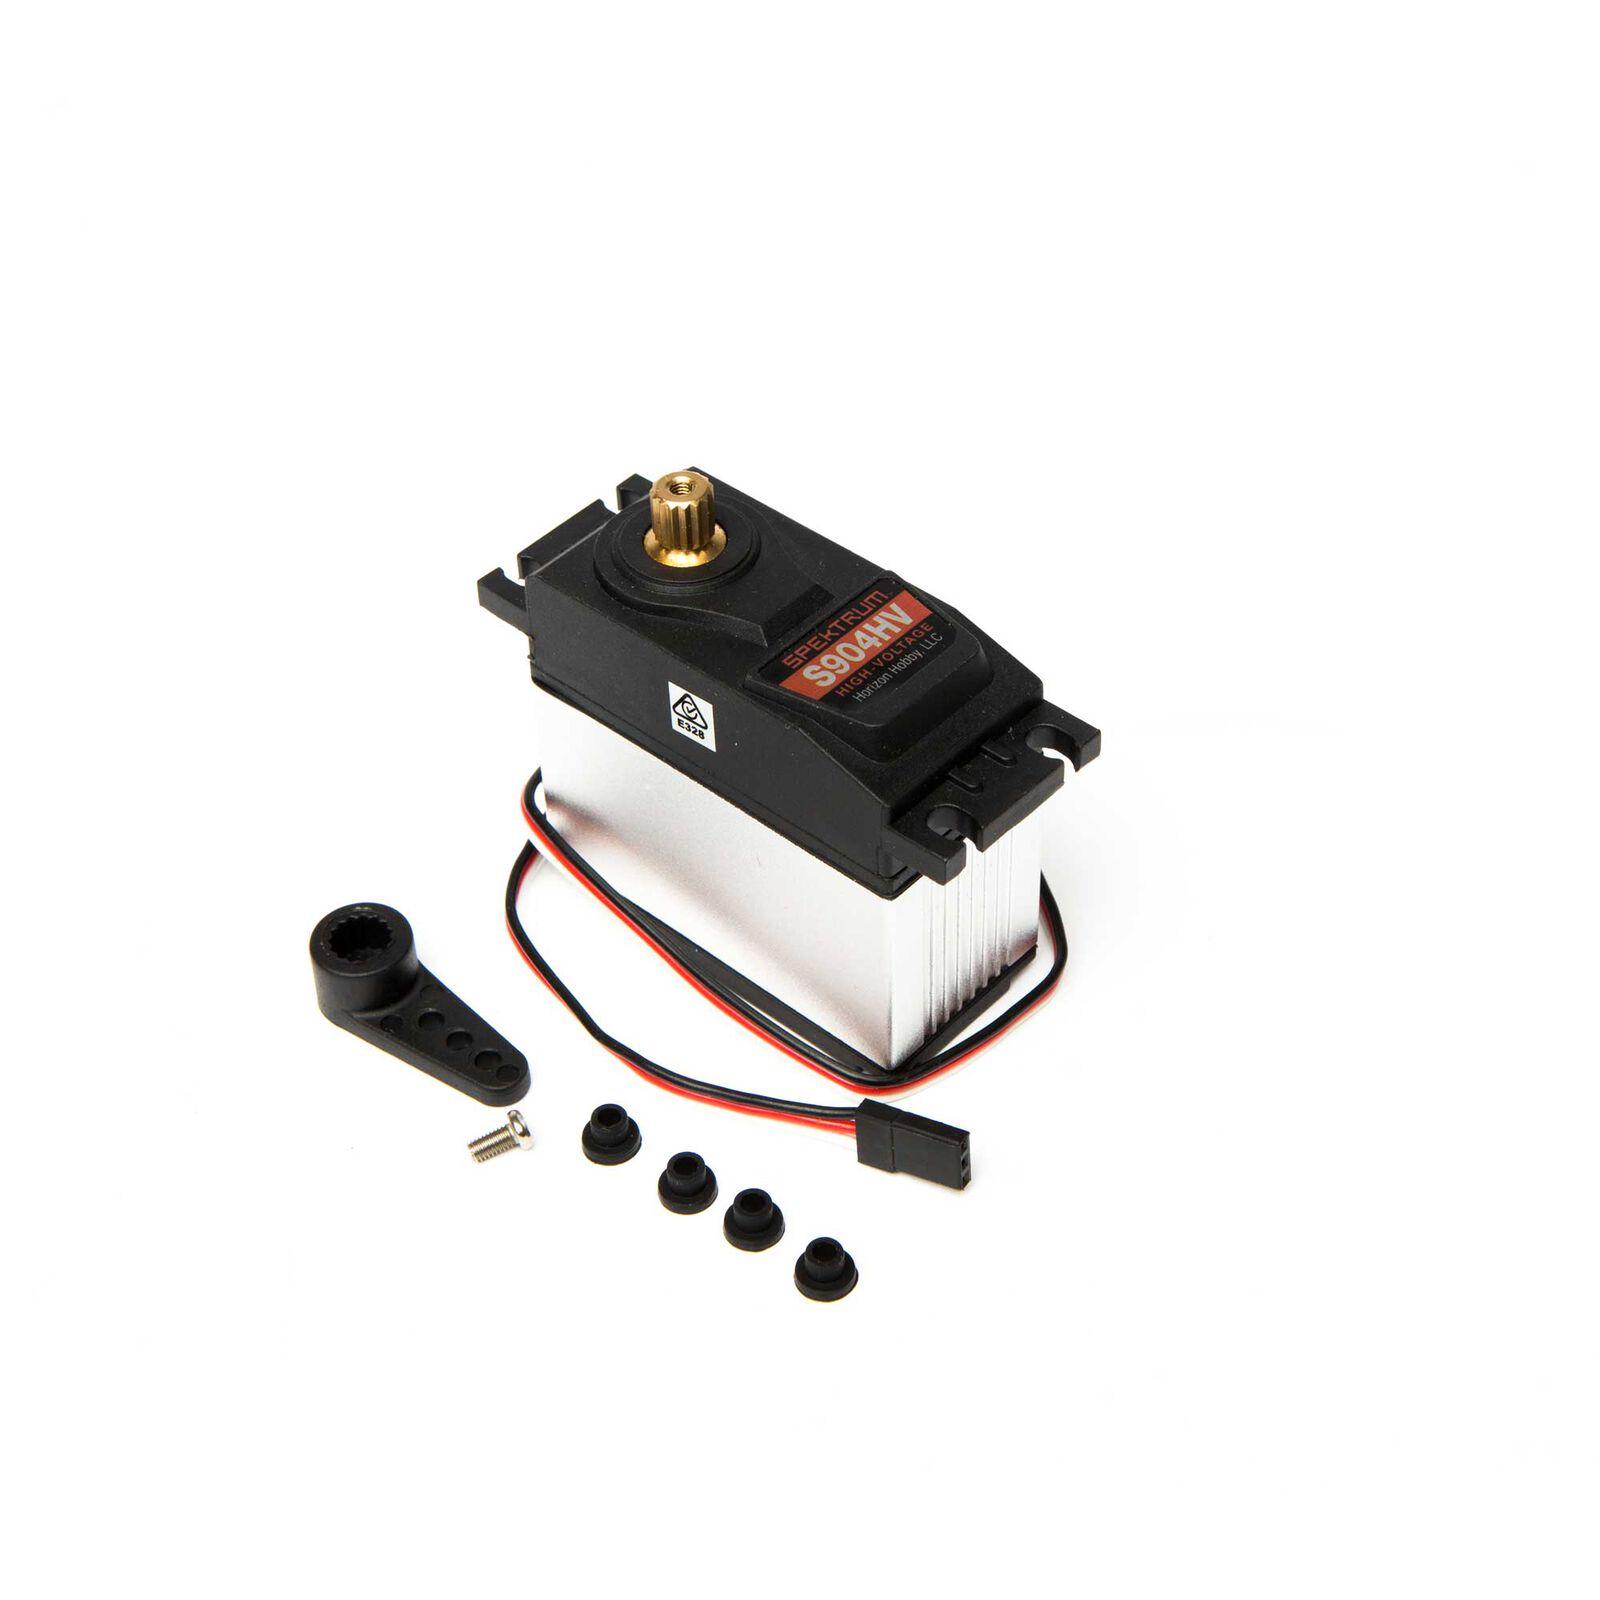 S904HV 1/6 Scale Digital HV 18KG Steering Servo